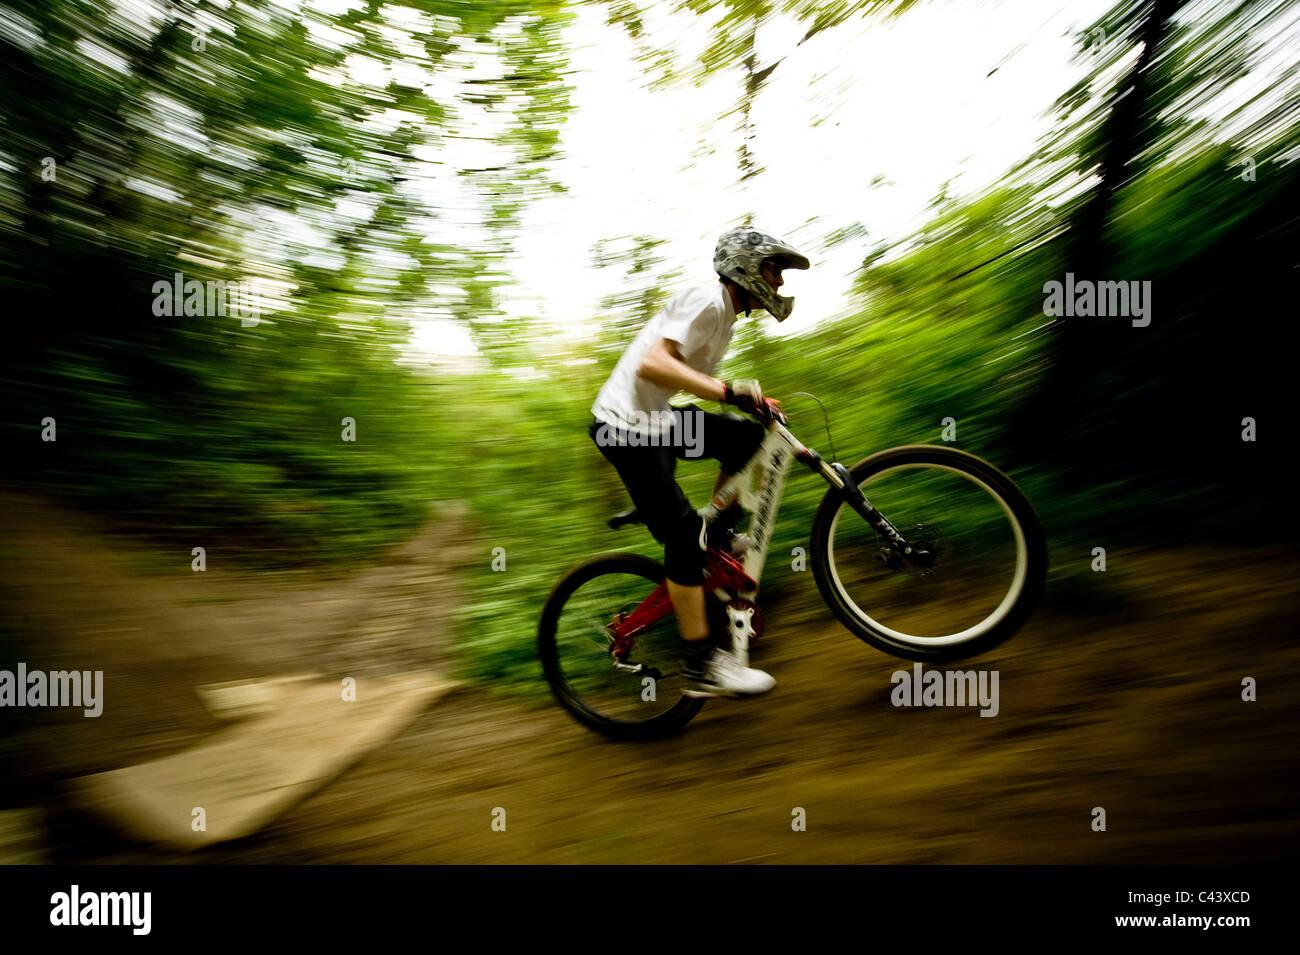 Ein junger Mann bergab Radfahren im Freien. Stockbild